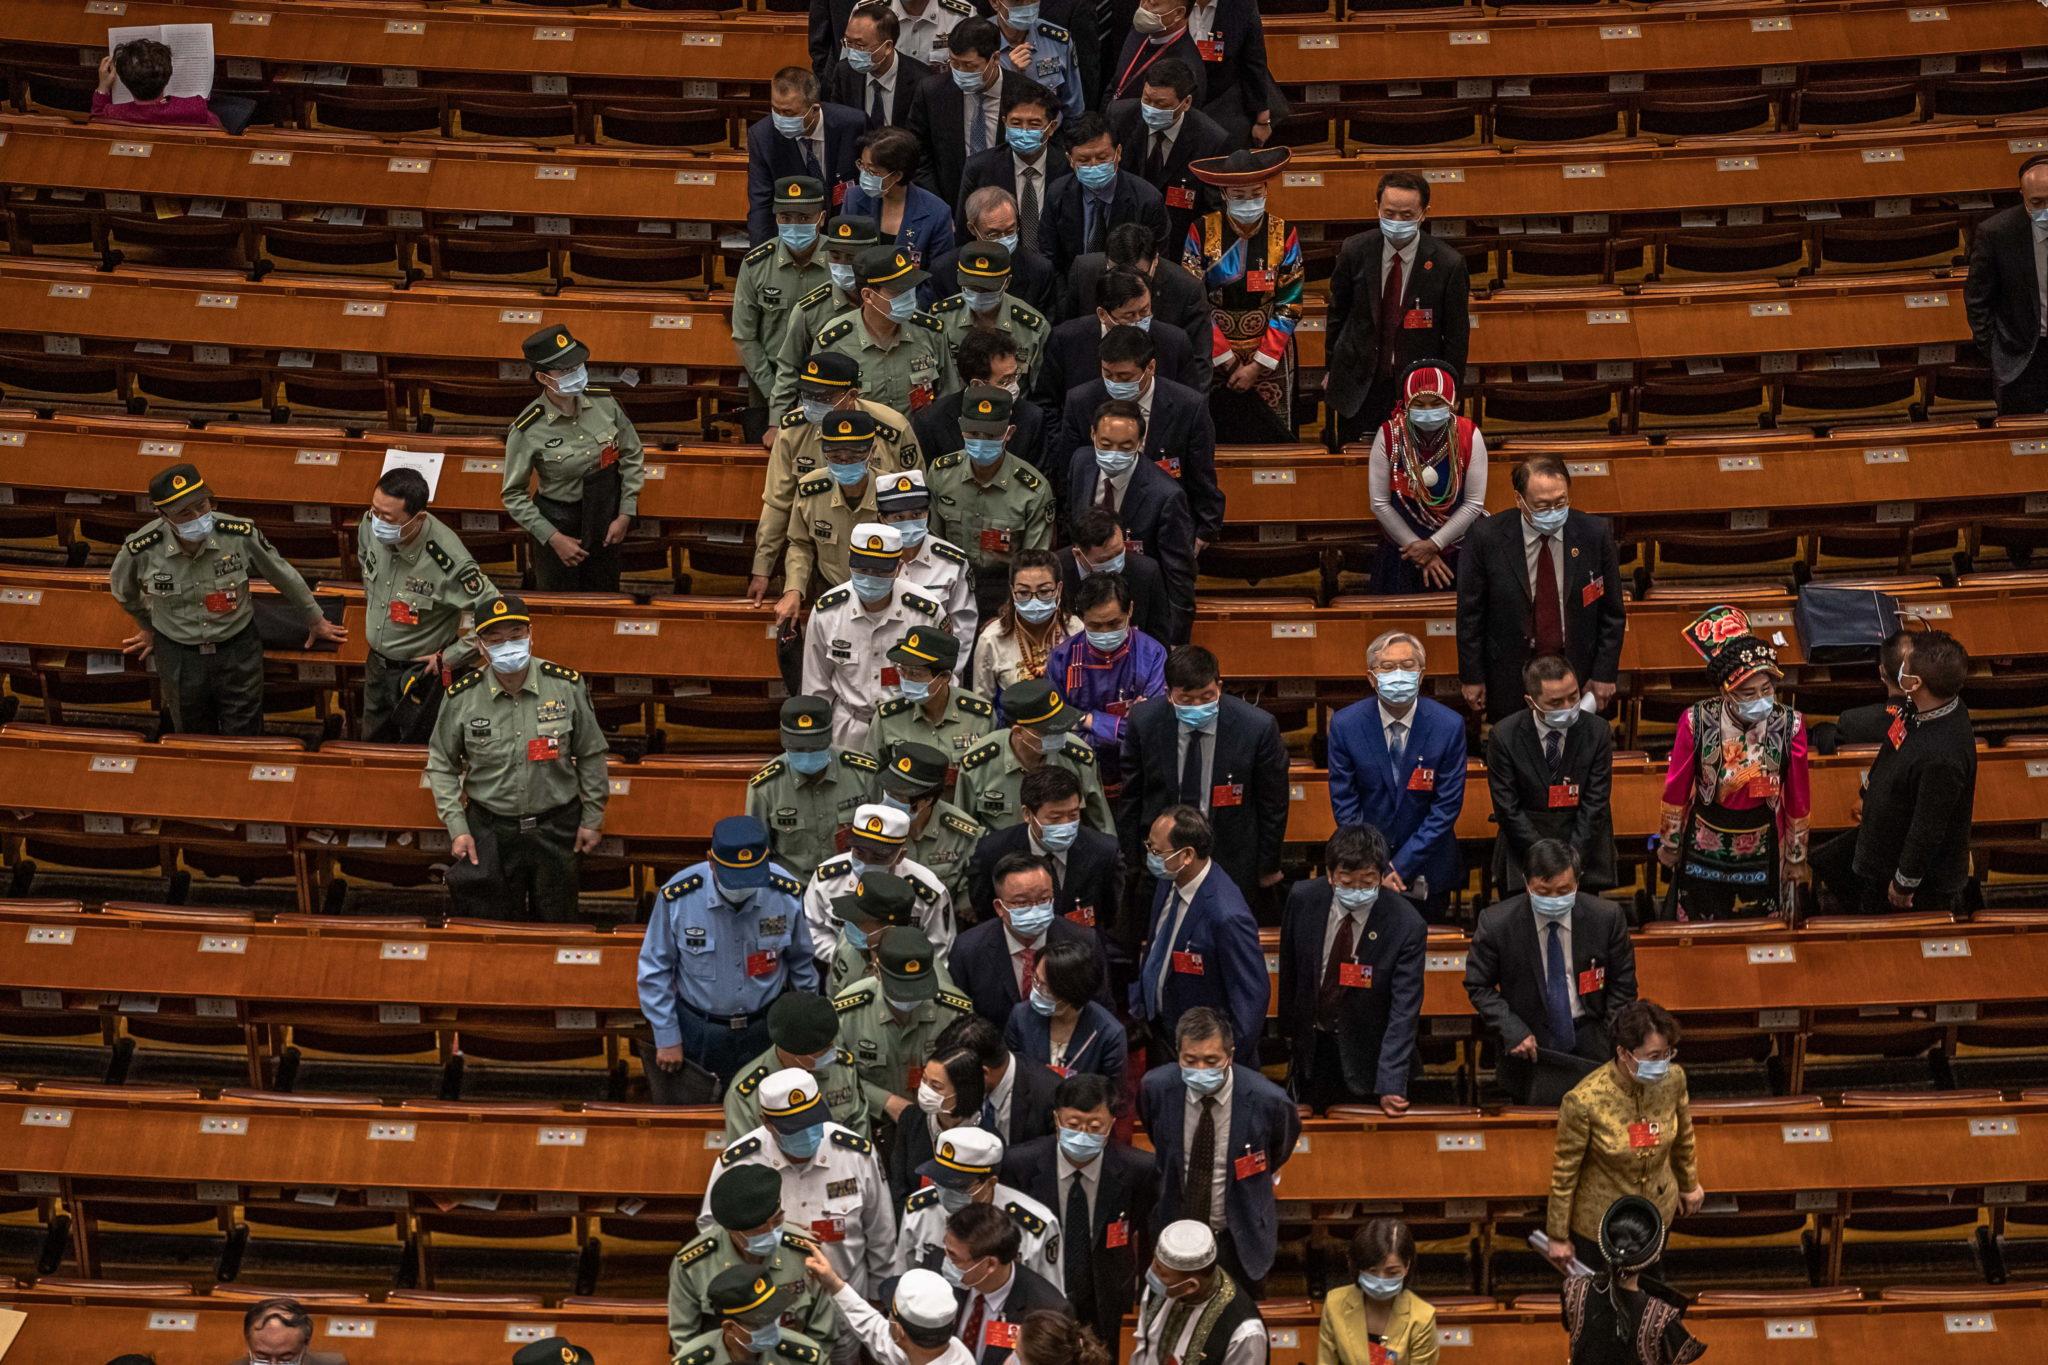 Chiny: delegaci po sesji plenarnej Narodowego Kongresu Ludowego w Wielkiej Sali Ludowej w Pekinie. To dwa główne spotkania polityczne, które pierwotnie miały się odbyć w marcu, zostały przełożone z powodu pandemii, fot.  EPA/ROMAN PILIPEY